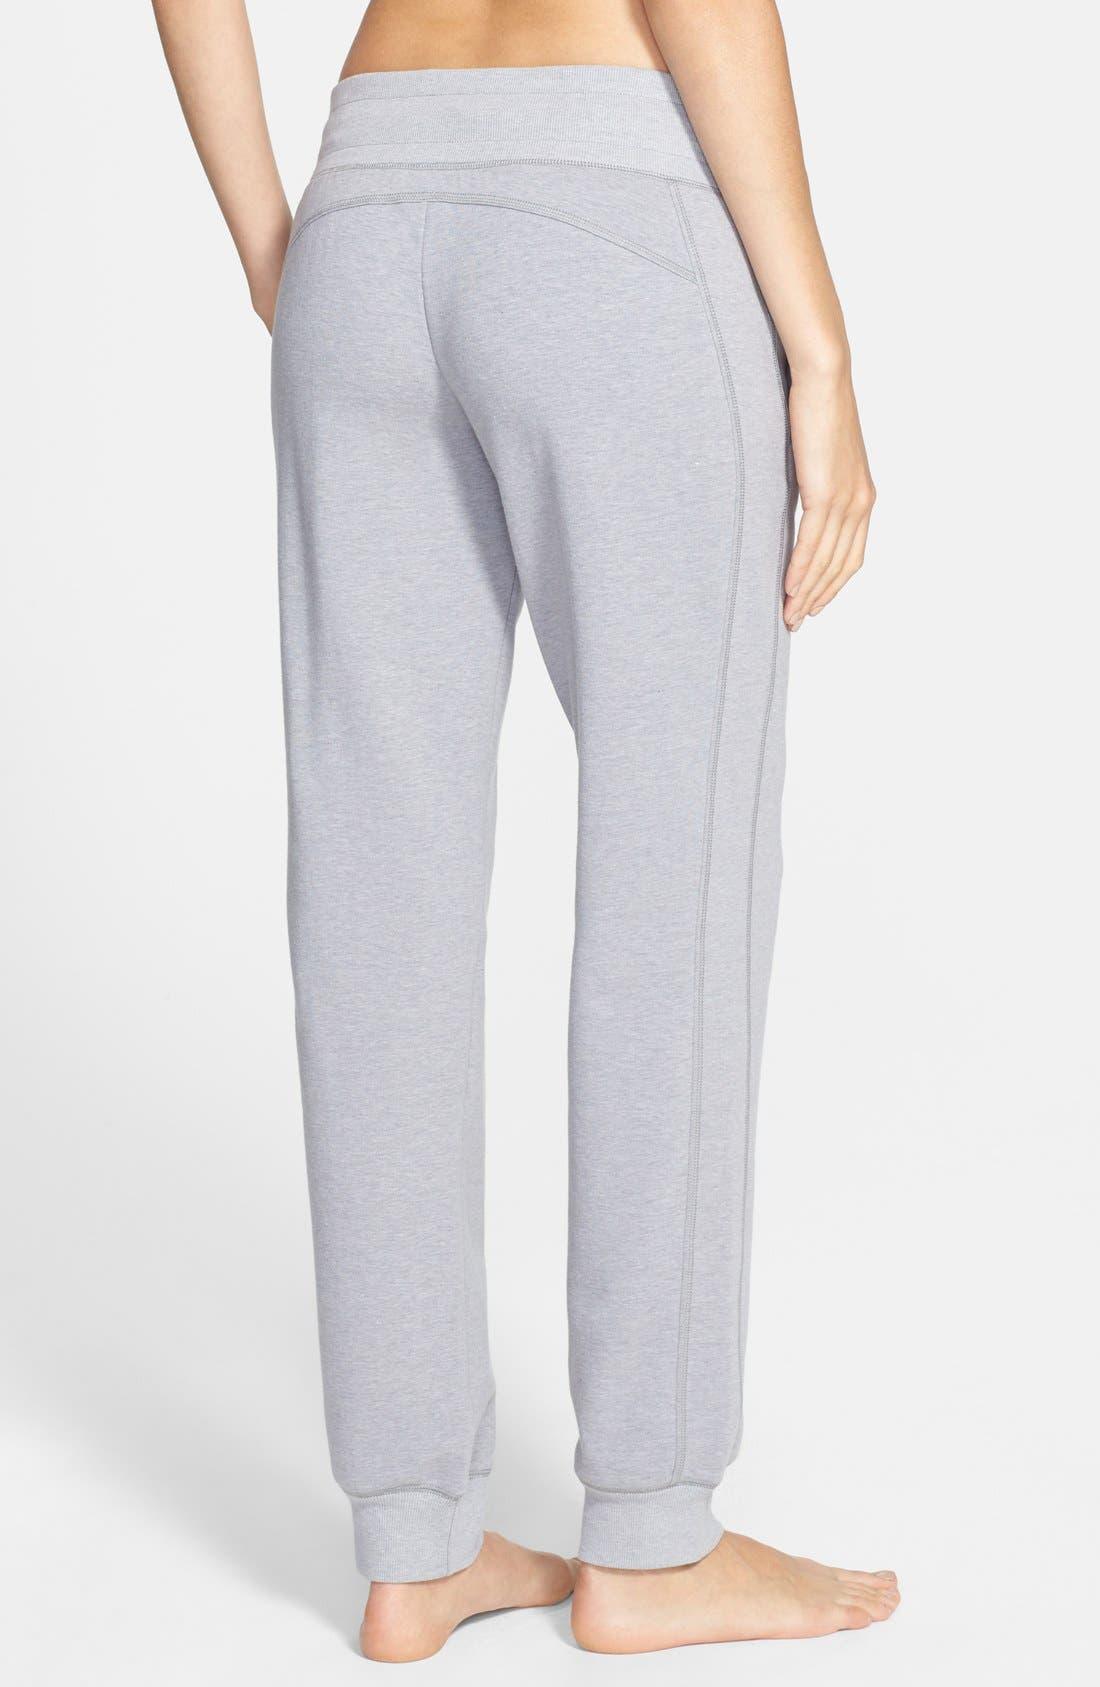 Alternate Image 2  - Zella Low Rise Skinny Fleece Sweatpants (Online Only)